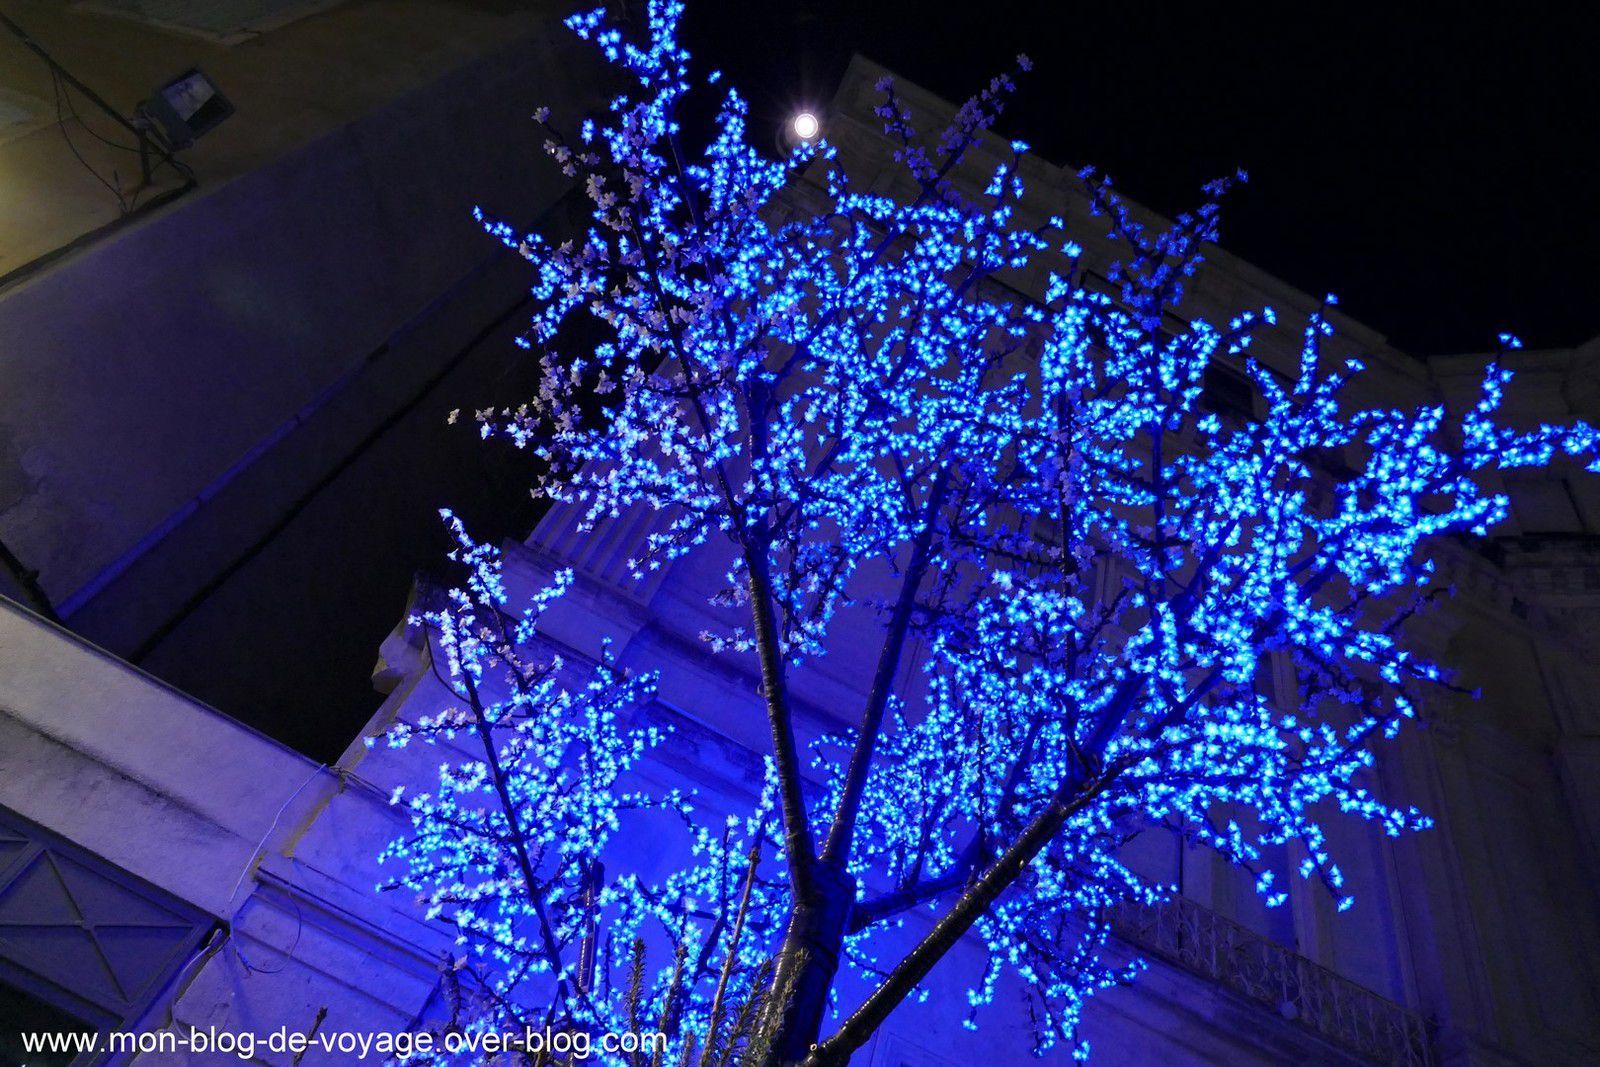 Les artères commerçantes du centre ville et leurs décorations lumineuses (décembre 2020, images personnelles)